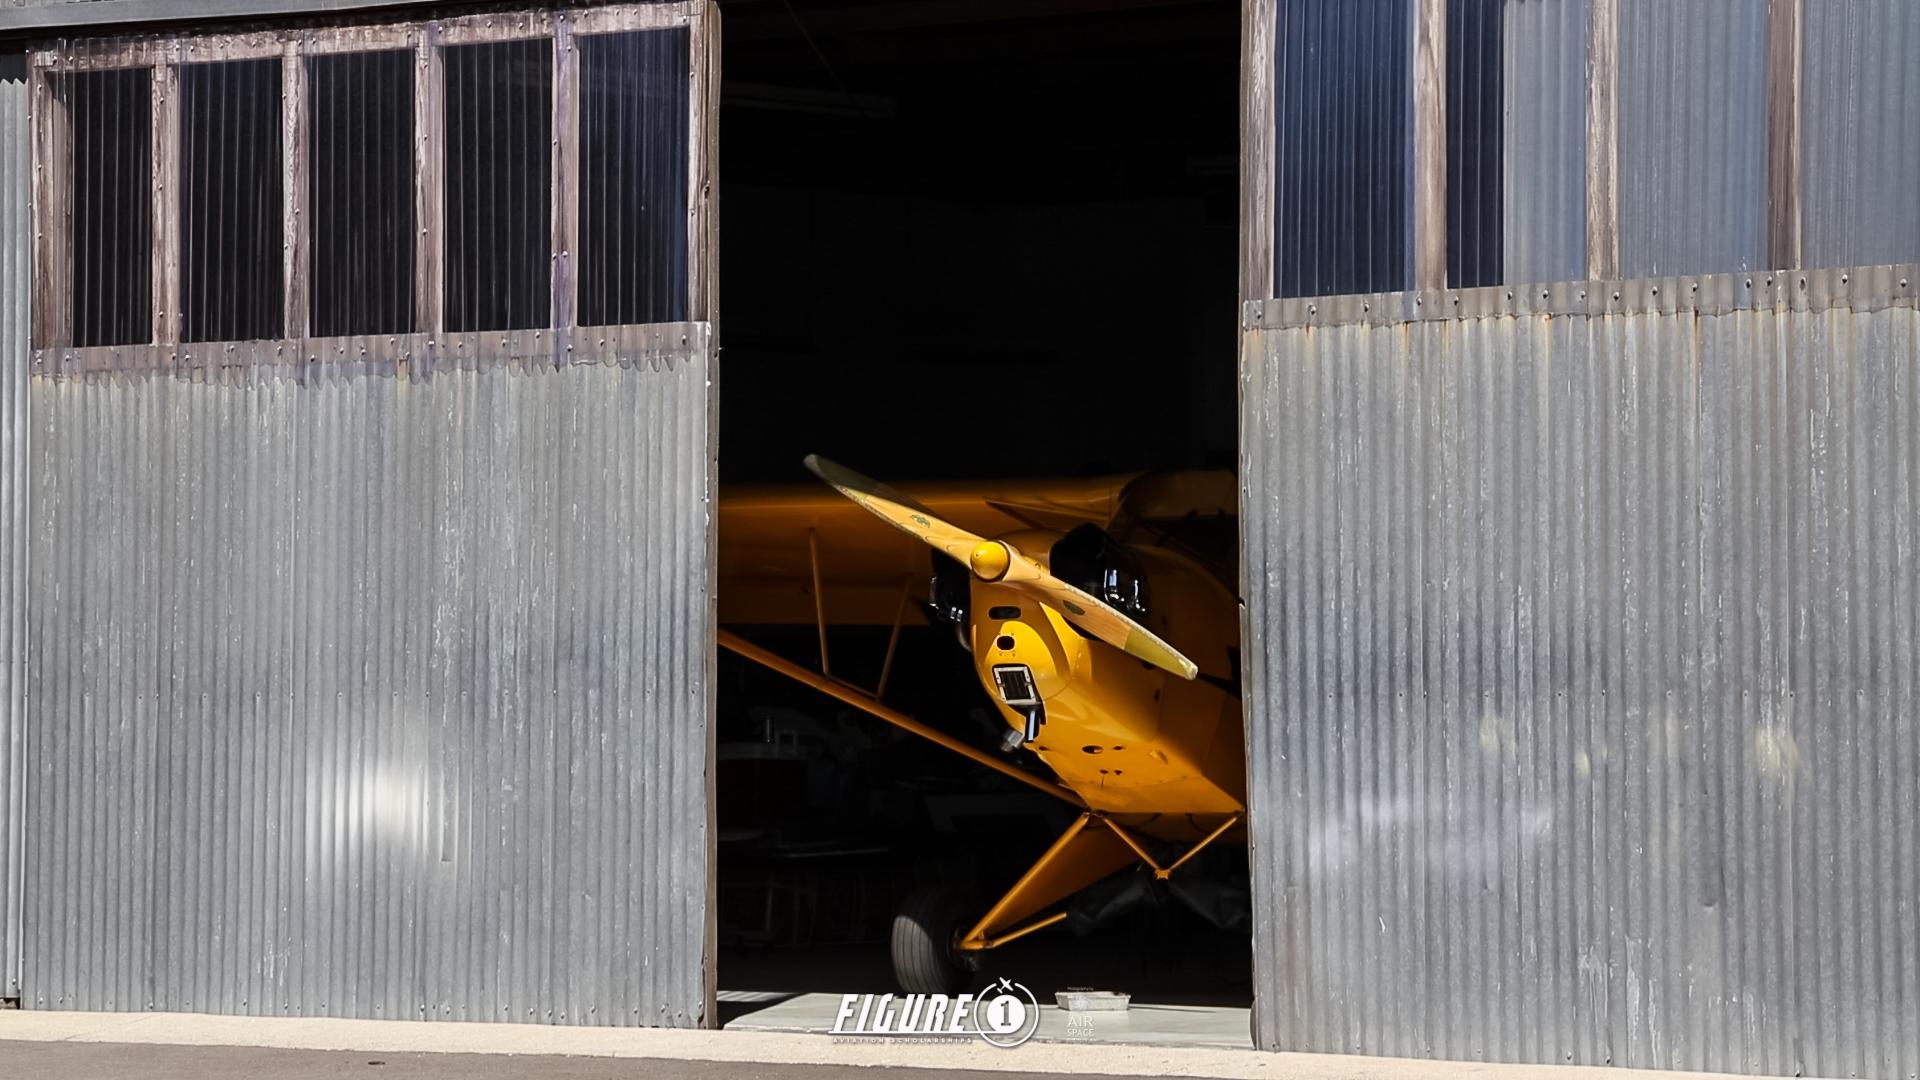 20160510-AirspaceMedia-1080-21.jpg